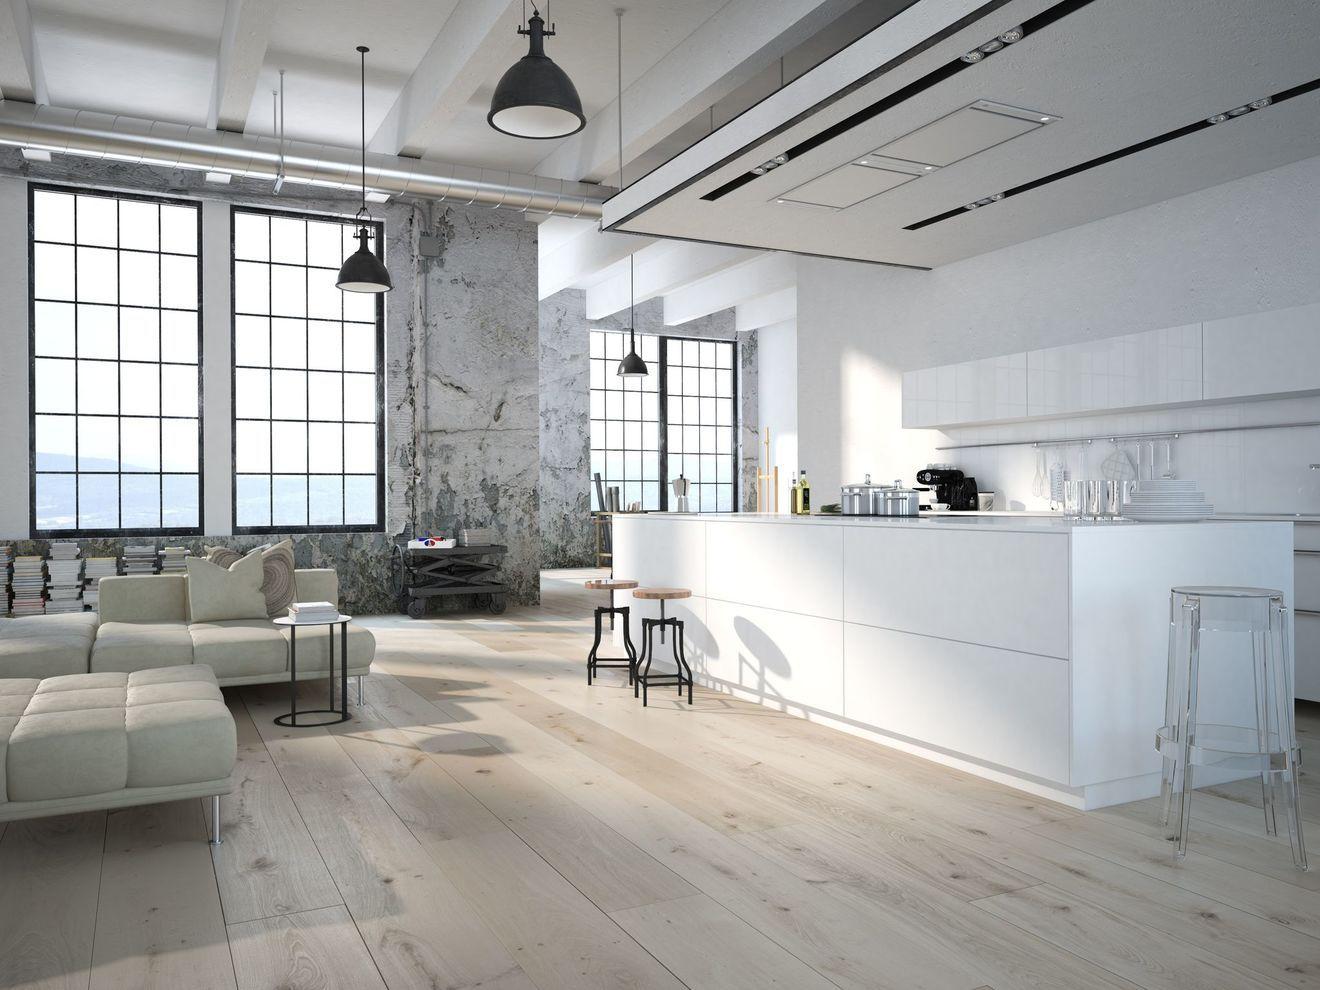 Revetement Sol Cuisine 19 Modeles De Sol Pour Une Cuisine Au Top Revetement Sol Loft Moderne Et Decoration Maison